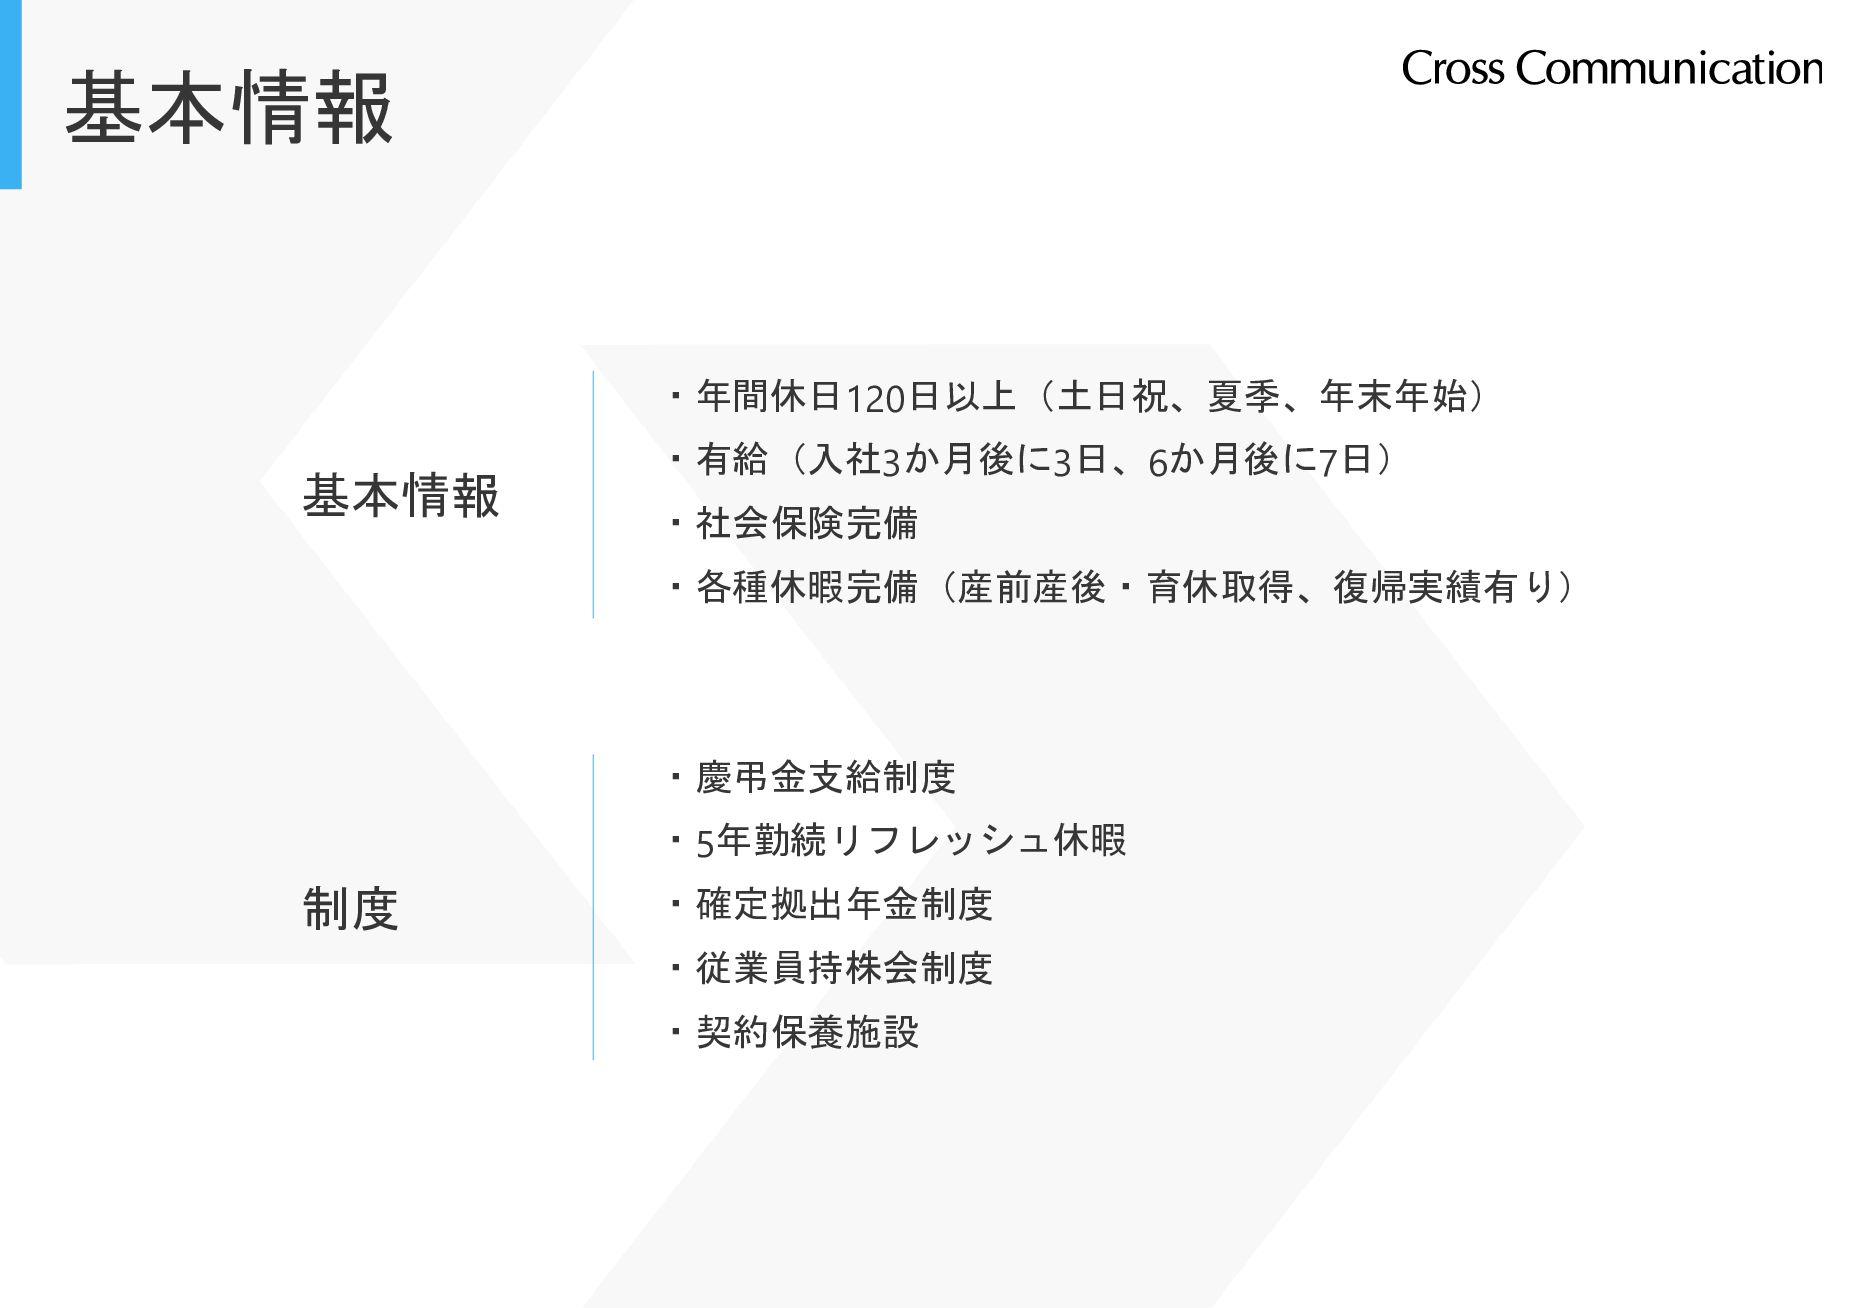 代表・役員紹介 総合CRM企業となるベルシステム24に入社後、コールセンターの 業務効率化のた...